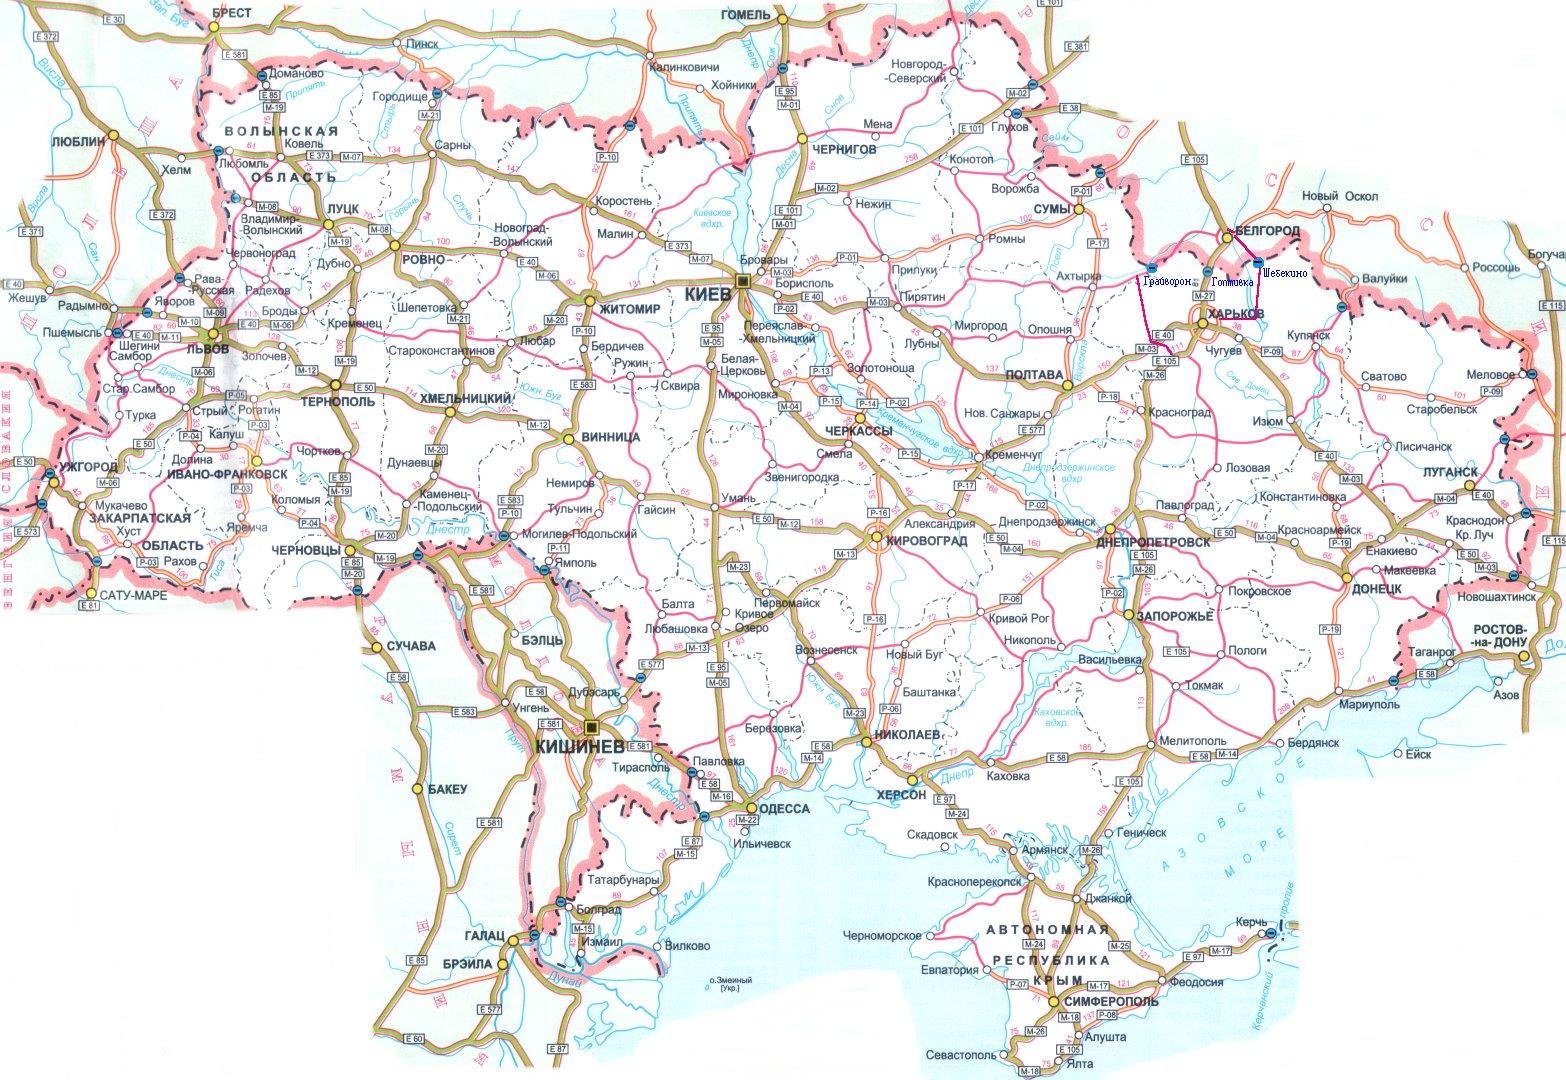 КАРТЫ АВТО И ЖД ДОРОГ УКРАИНЫ   TORGOIL - оптовая торговля ...: http://www.torgoil.com.ua/karty-avto-i-zhd-dorog-ukrainy.html